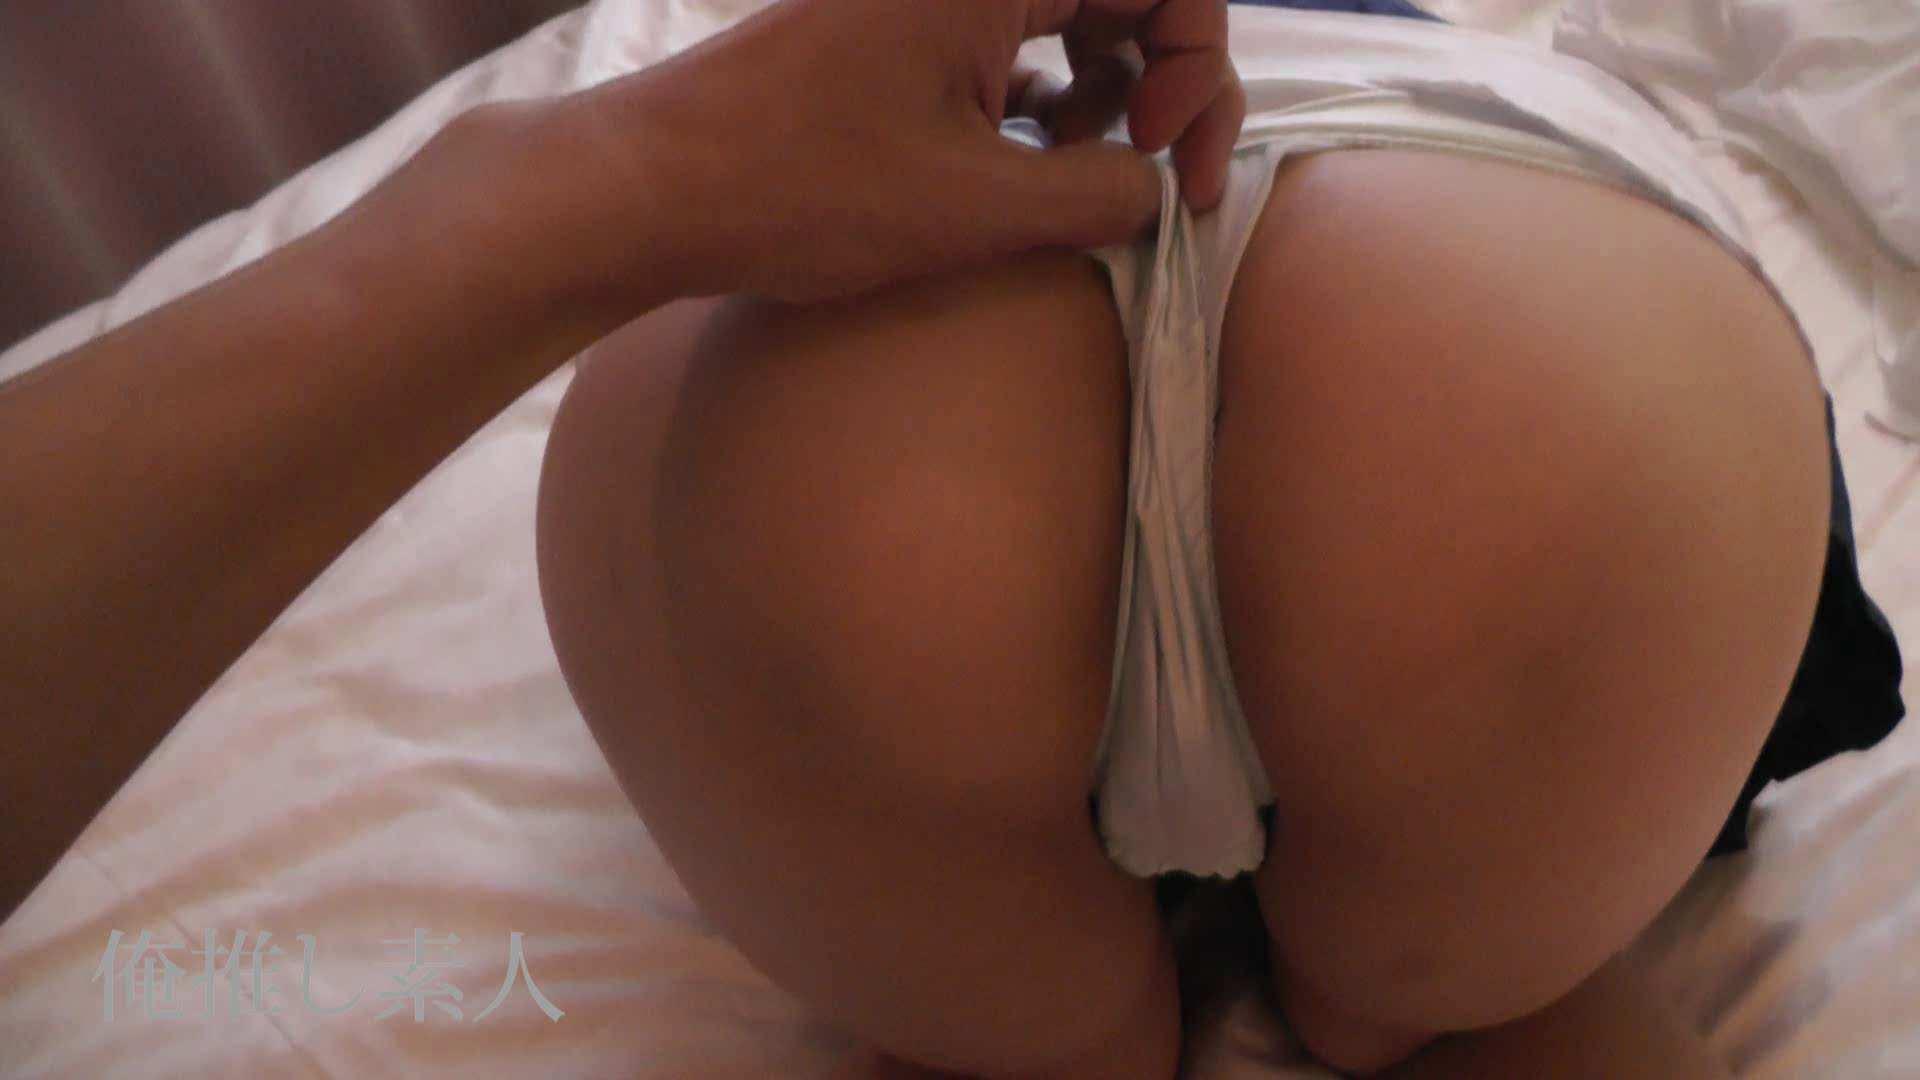 俺推し素人 EカップシングルマザーOL30歳瑤子vol4 0  113pic 20